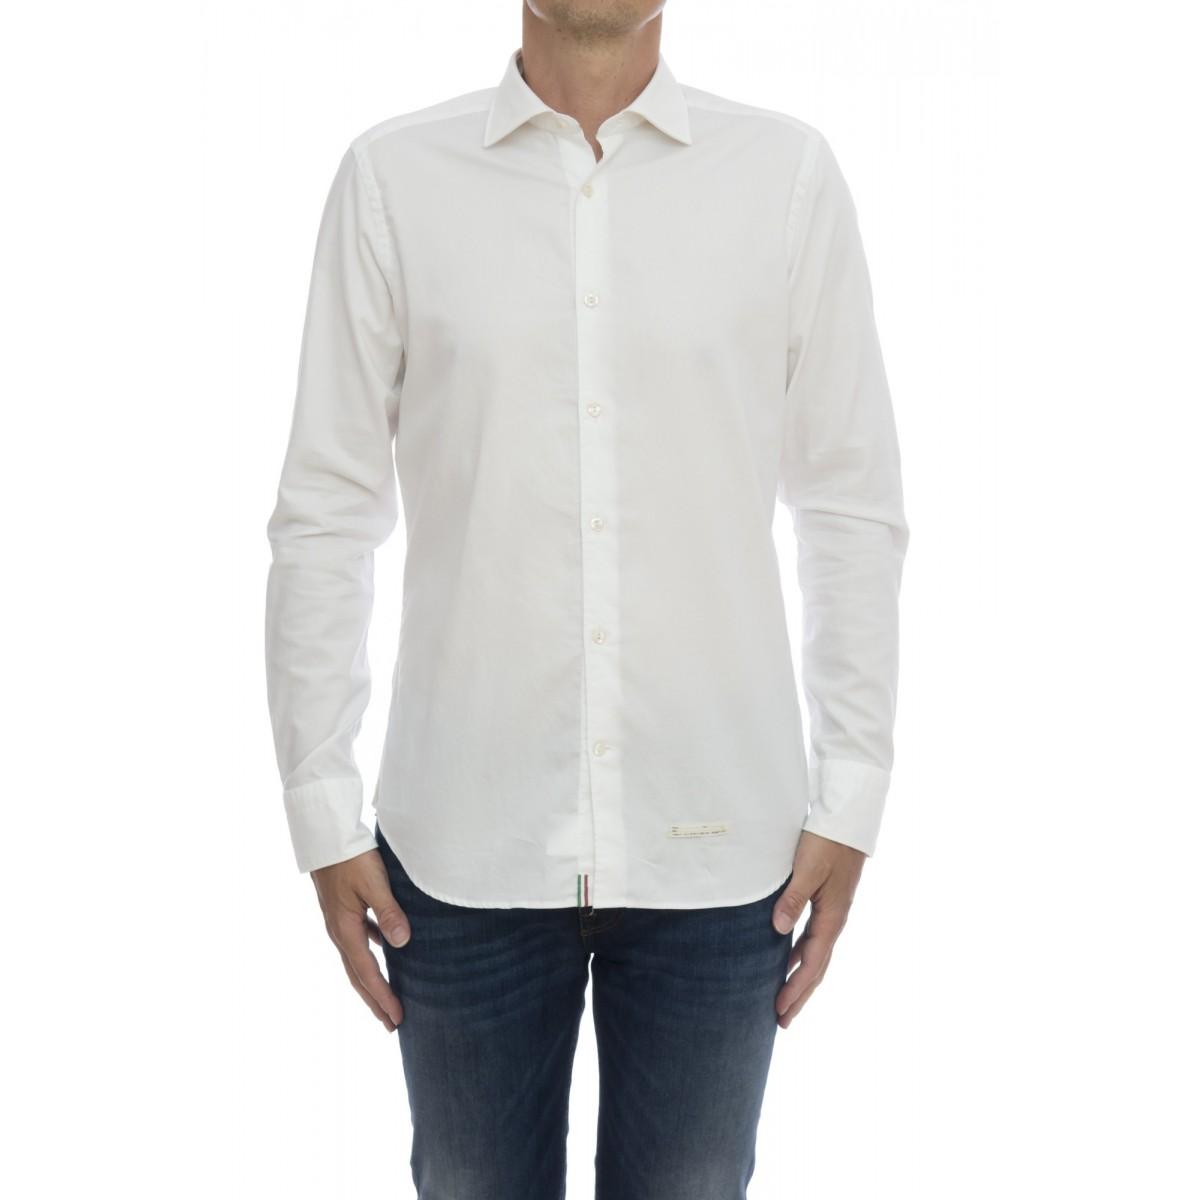 Camicia uomo - Pao njw camicia oxford